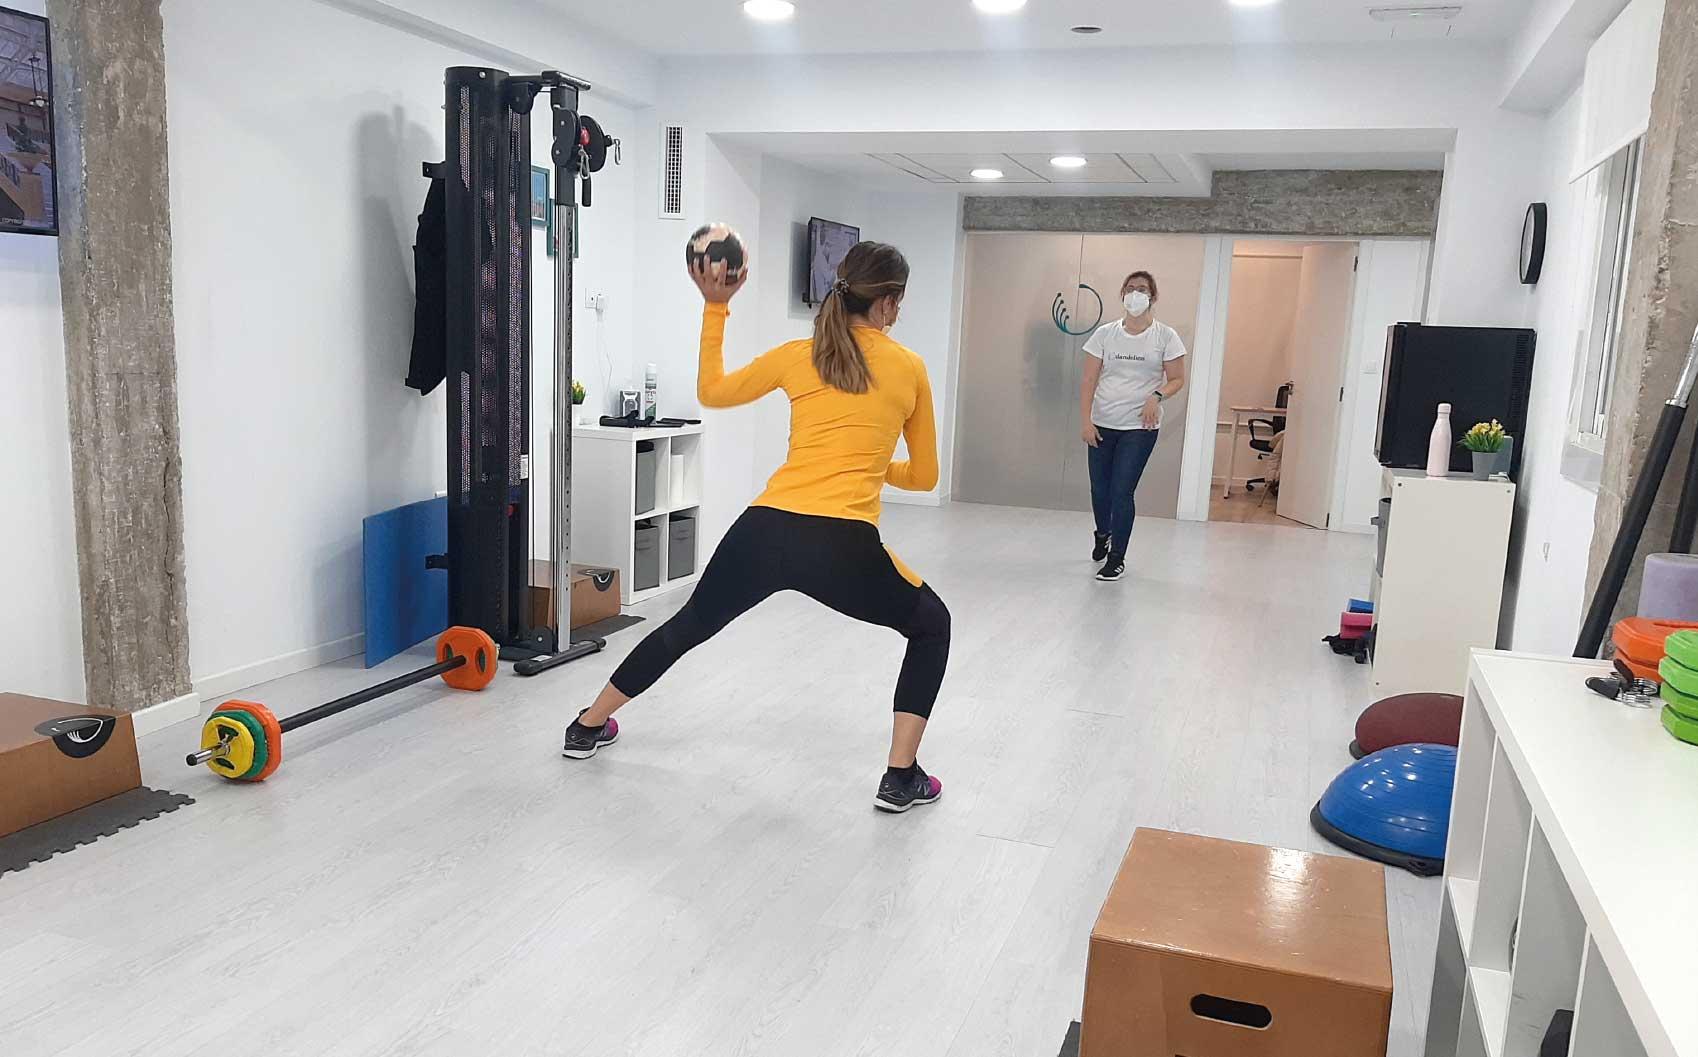 Beatriz Escribano jugadora profesional de balonmano realiza una sesión de entrenamiento y rehabilitación postparto